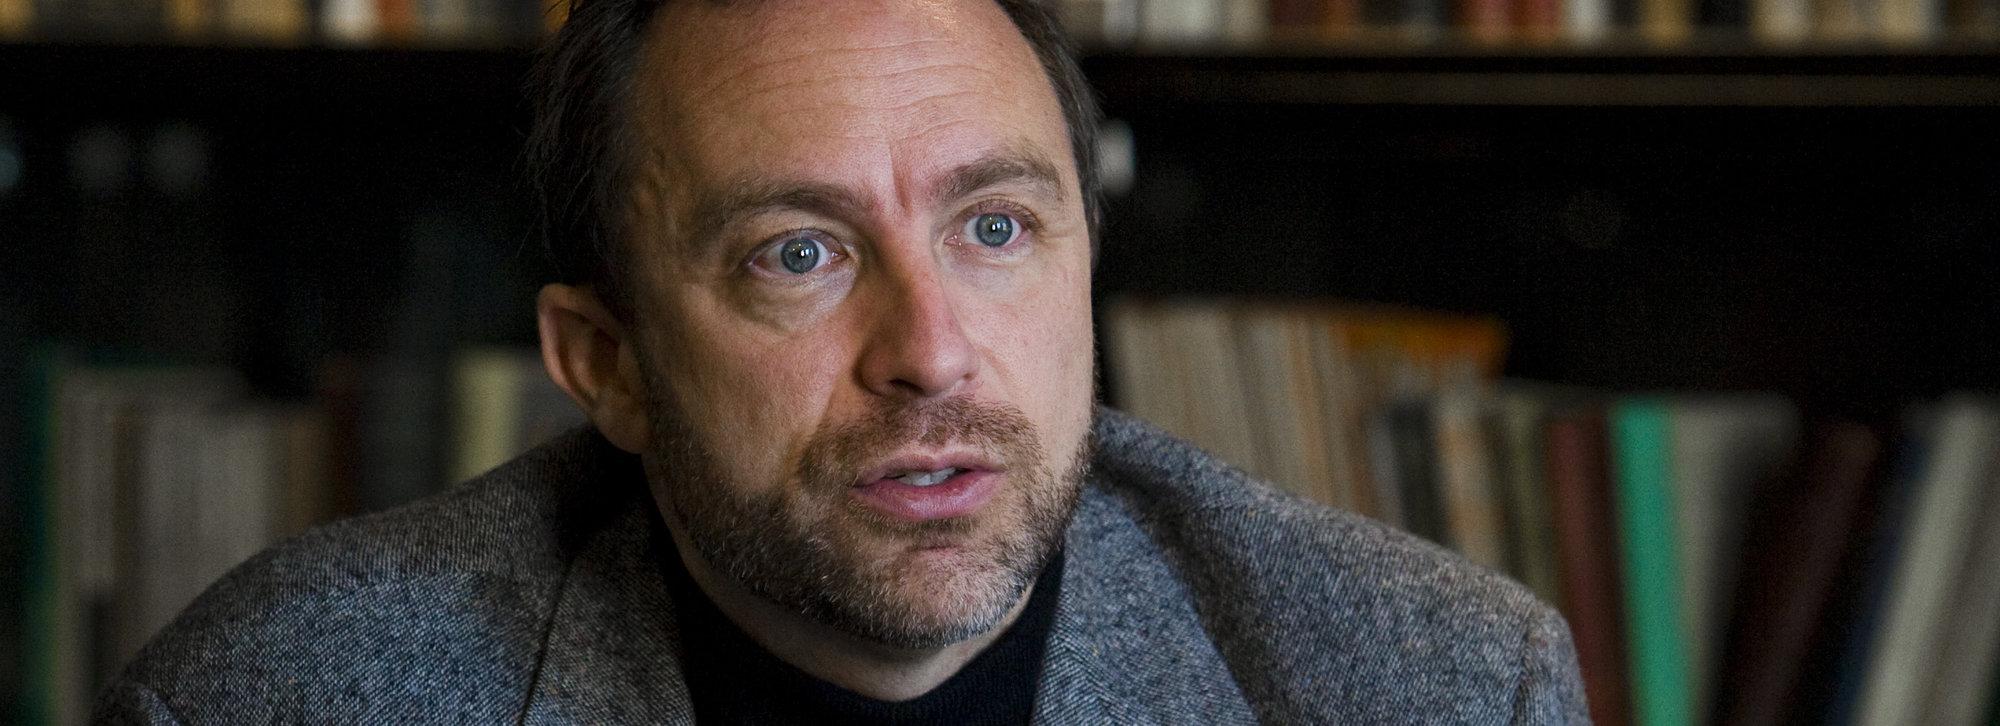 Jimmy Wales får kritikk både for å være for egenrådig og for å være for tolerant.